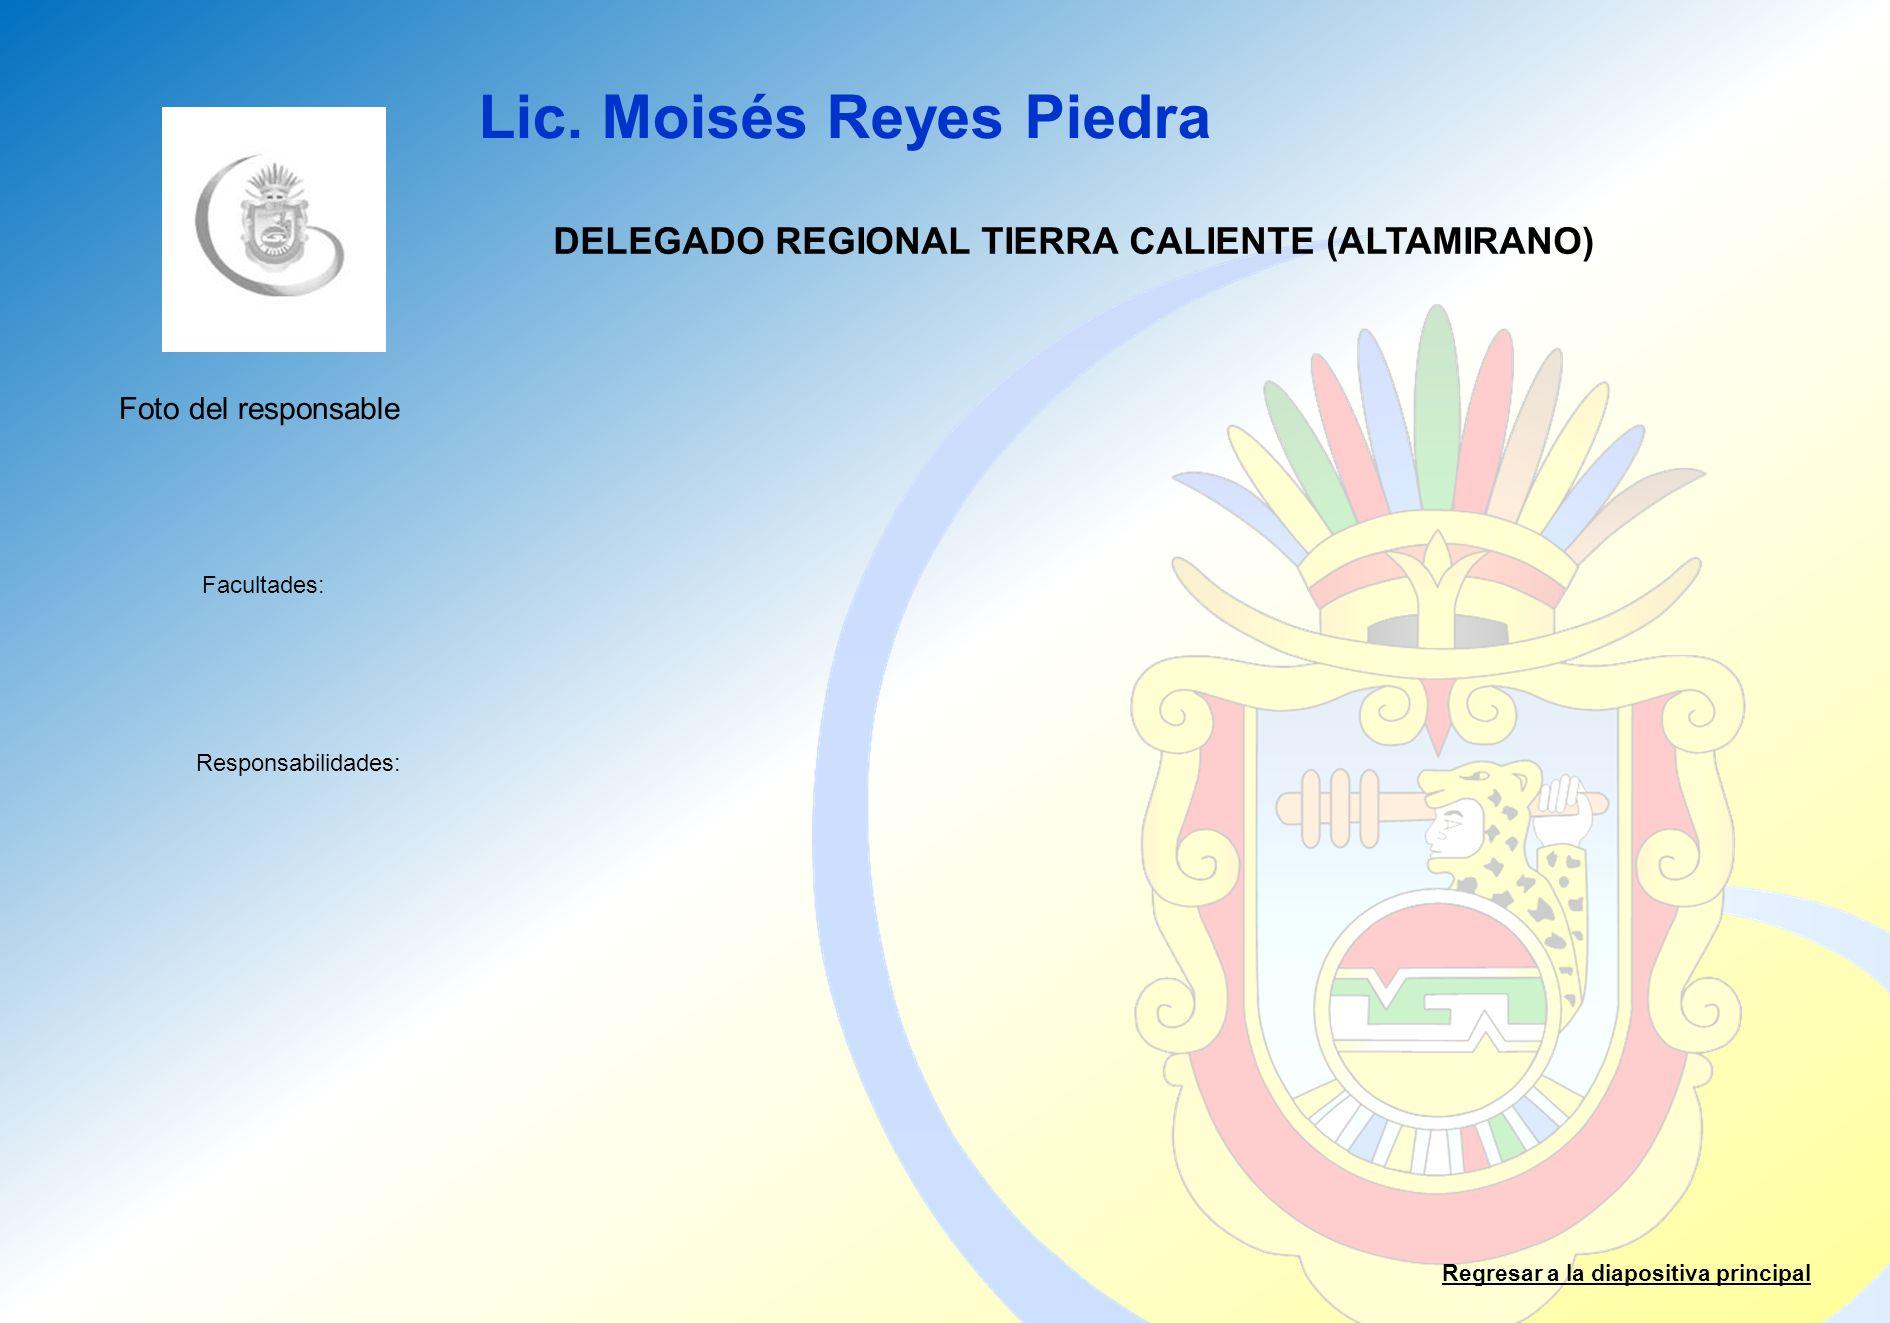 DELEGADO REGIONAL TIERRA CALIENTE (ALTAMIRANO)